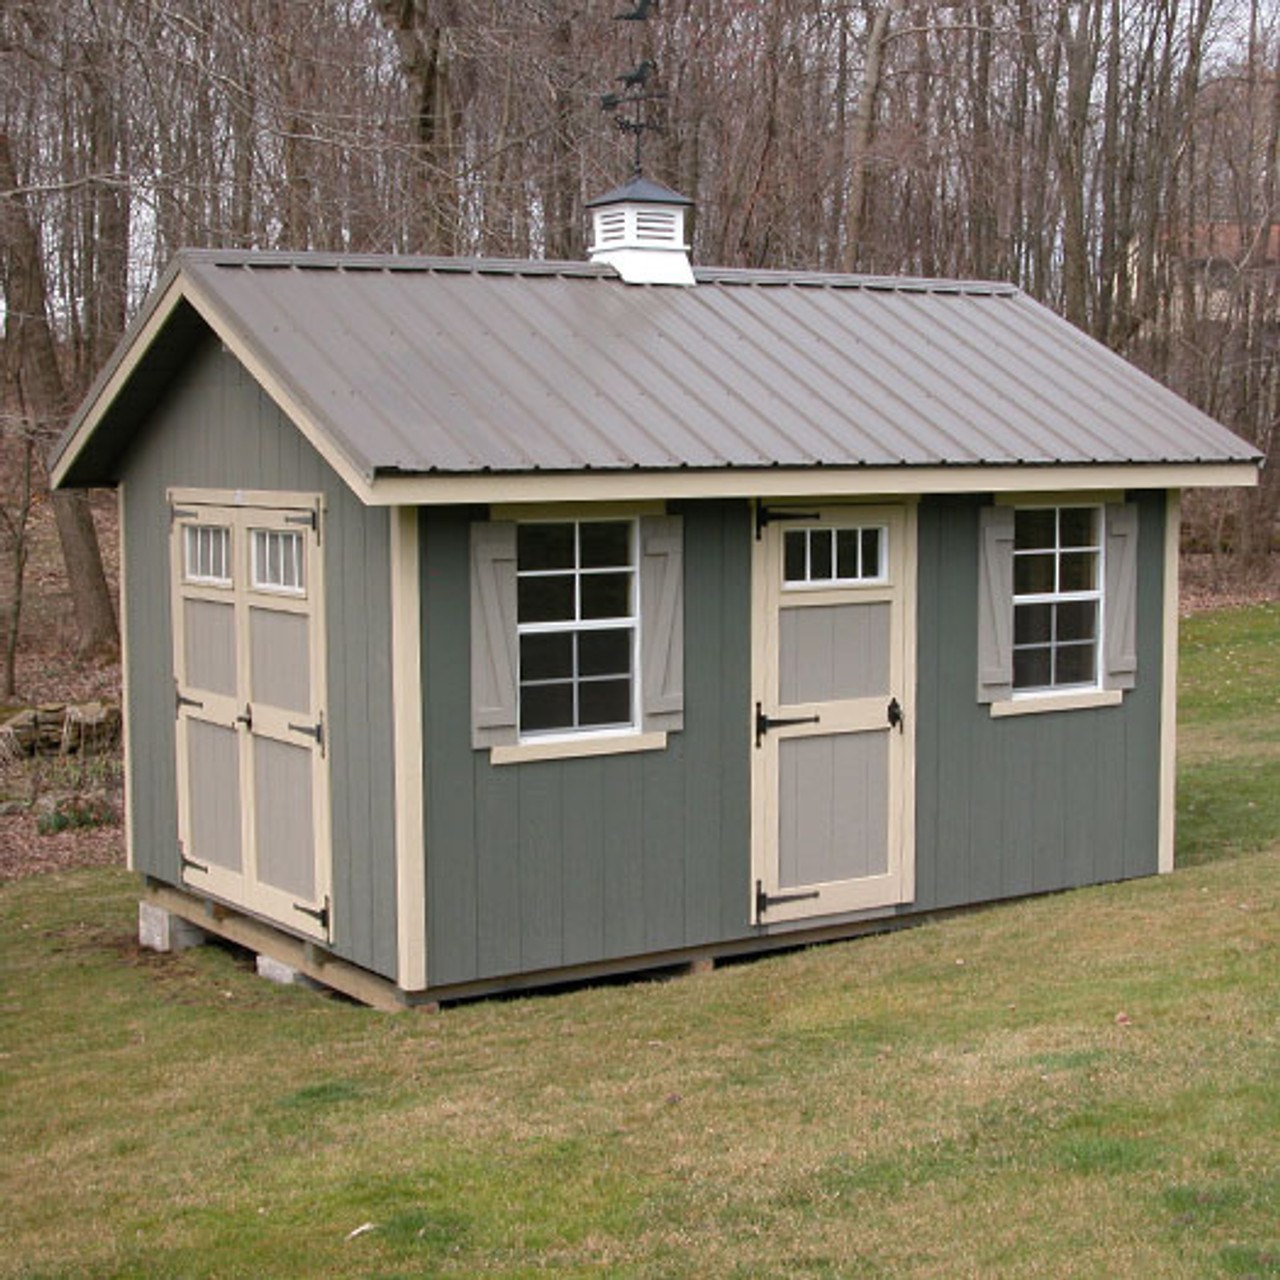 Storage Sheds Riverside Shed Kit Ez Fit Sheds Amish